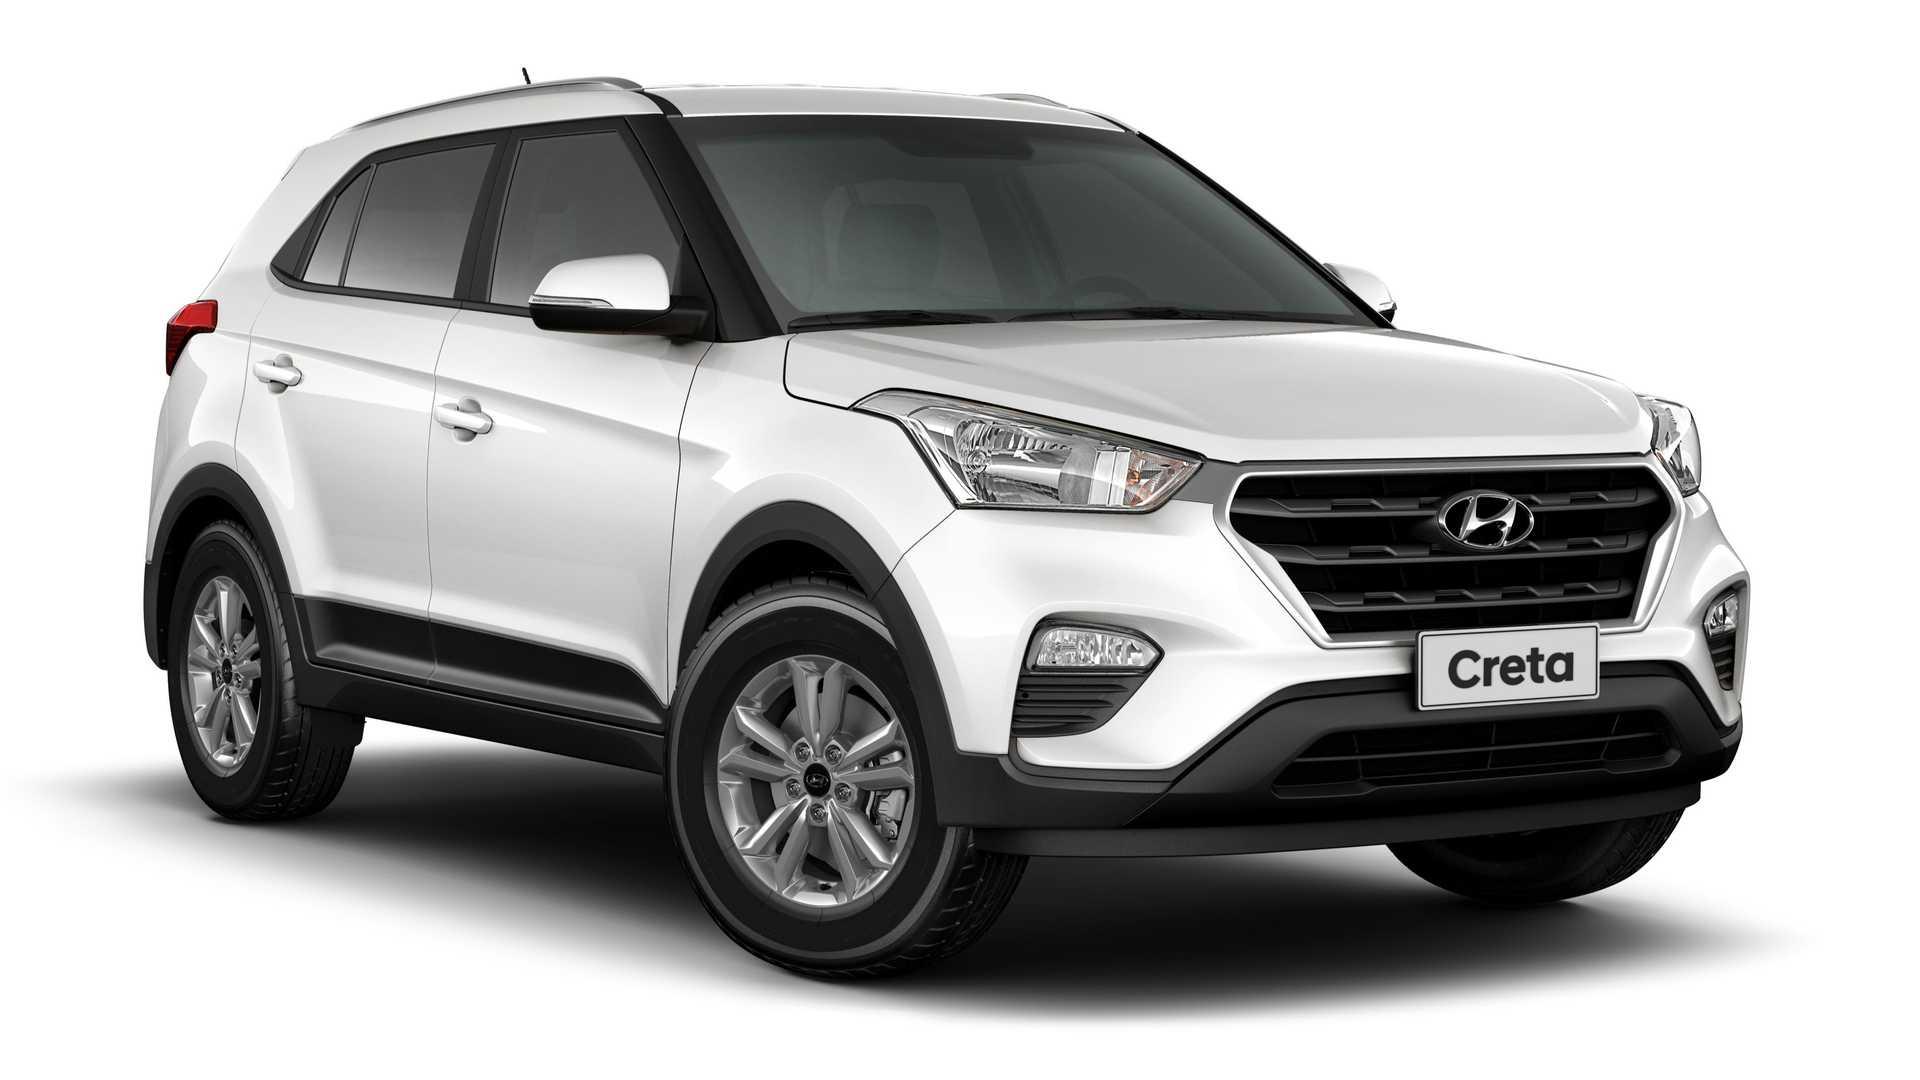 Hyundai Creta perdeu um pouco do fôlego nos emplacamentos